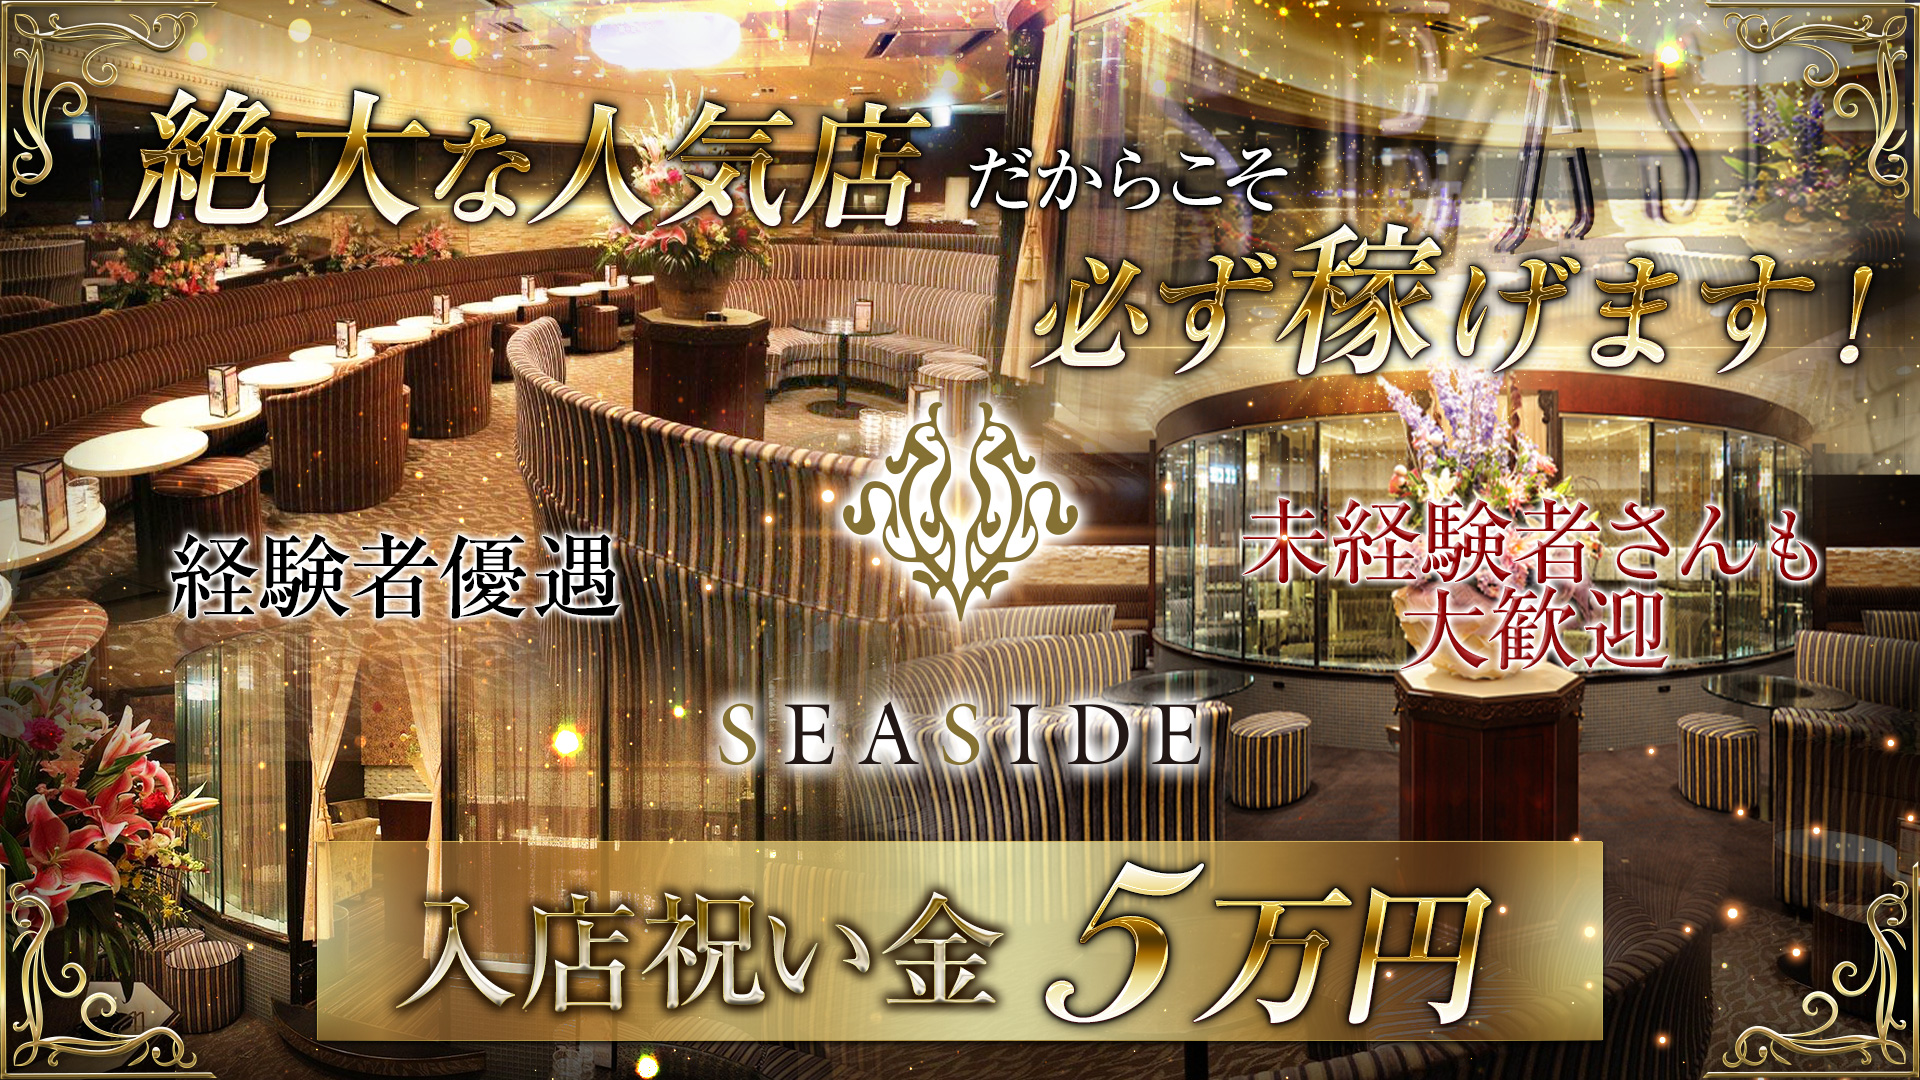 横浜SEASIDE[シーサイド] 横浜 キャバクラ TOP画像